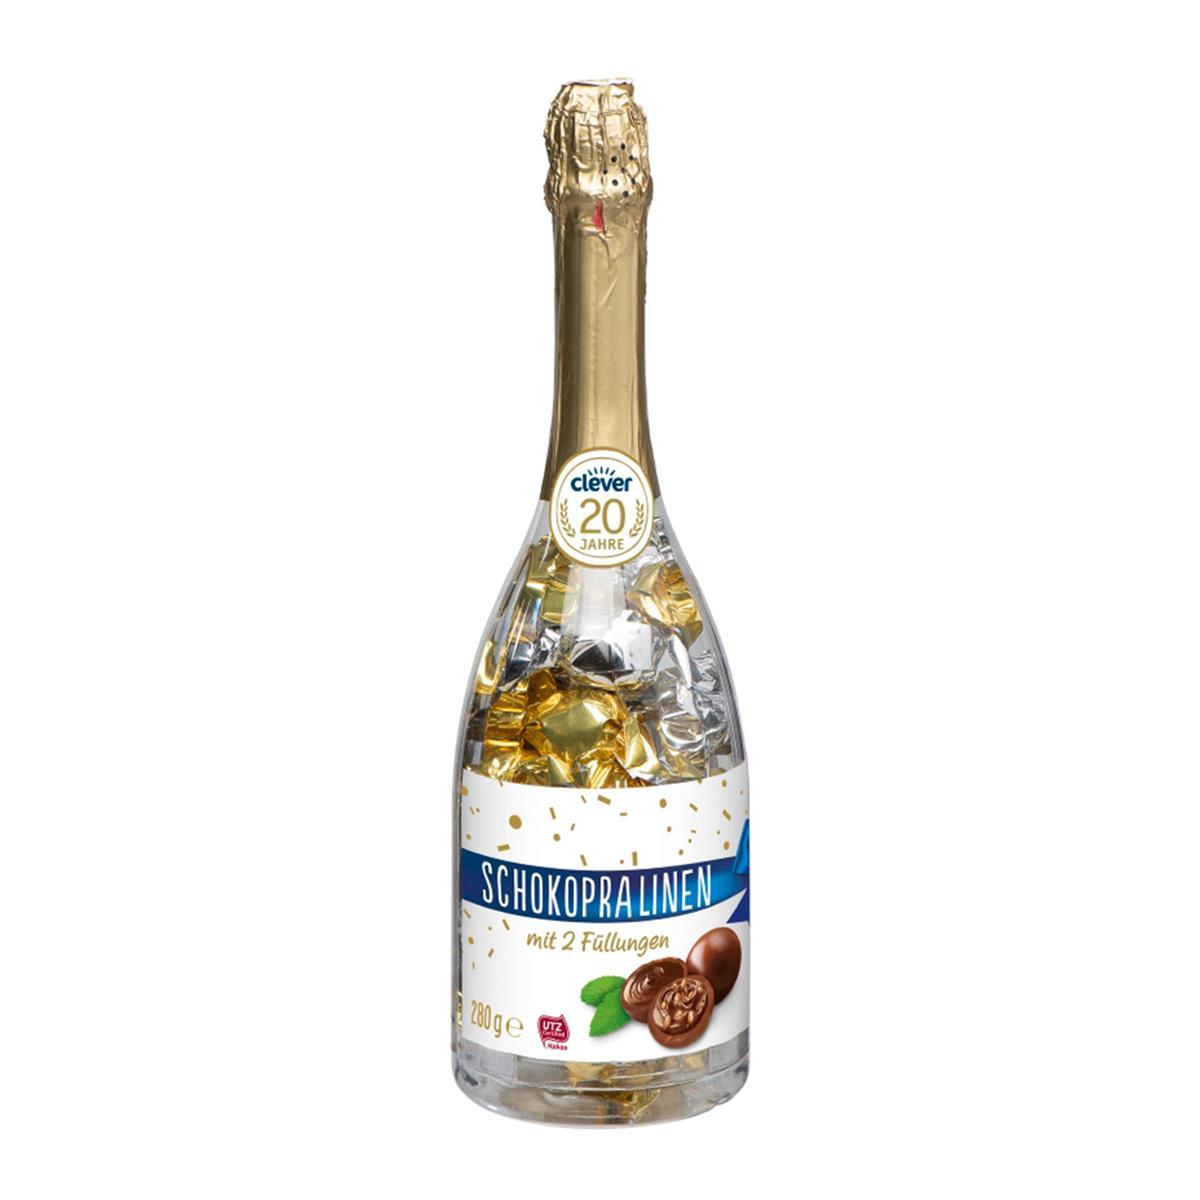 [Bipa]  Clever Schokopralinen in der Flasche 1+1 gratis